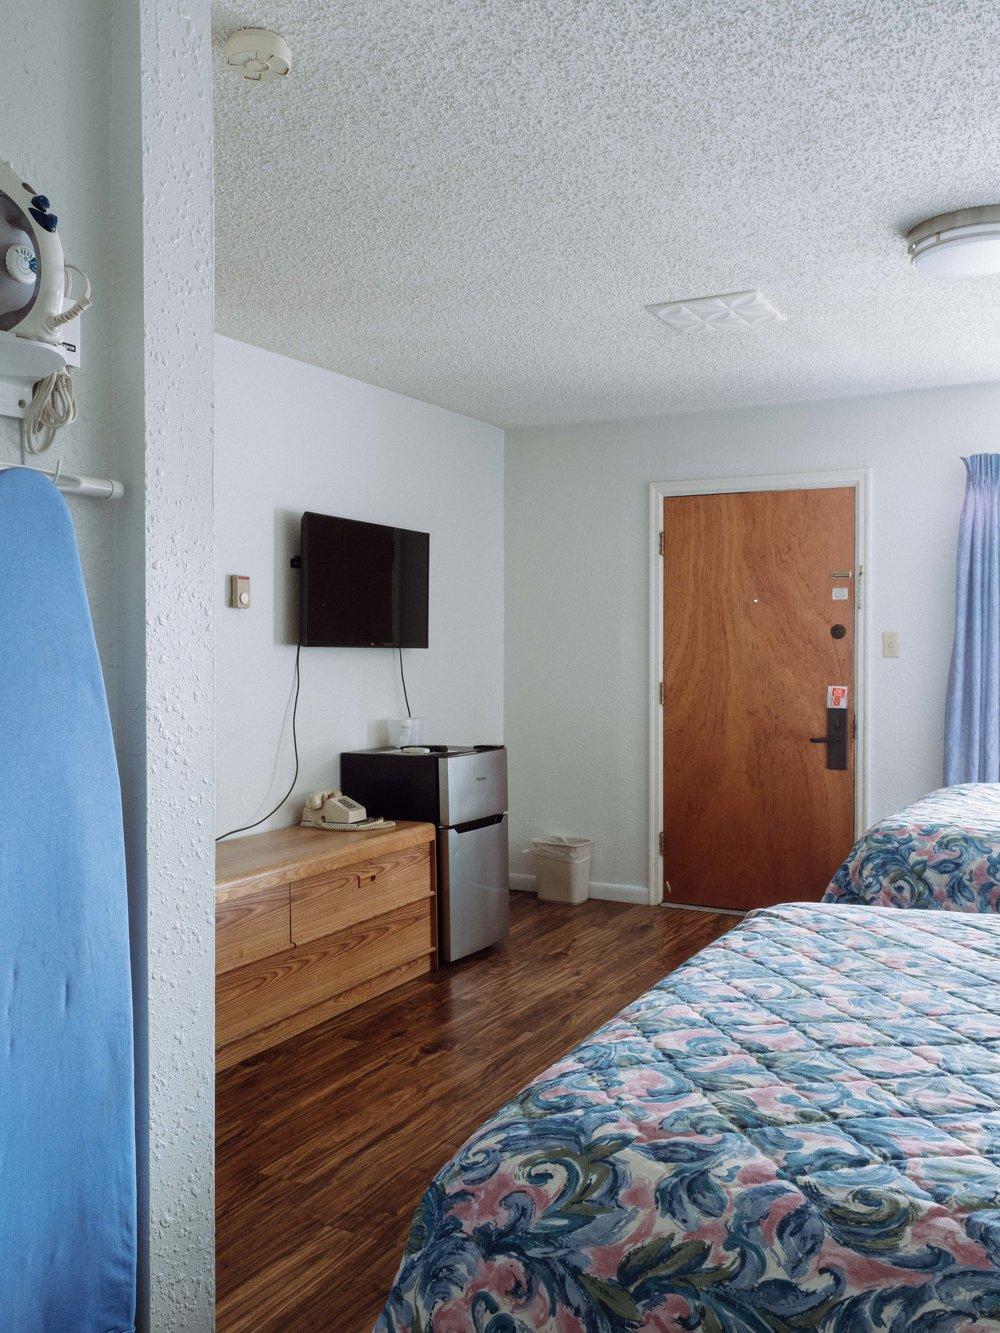 Alternate view, 2 Queen Room